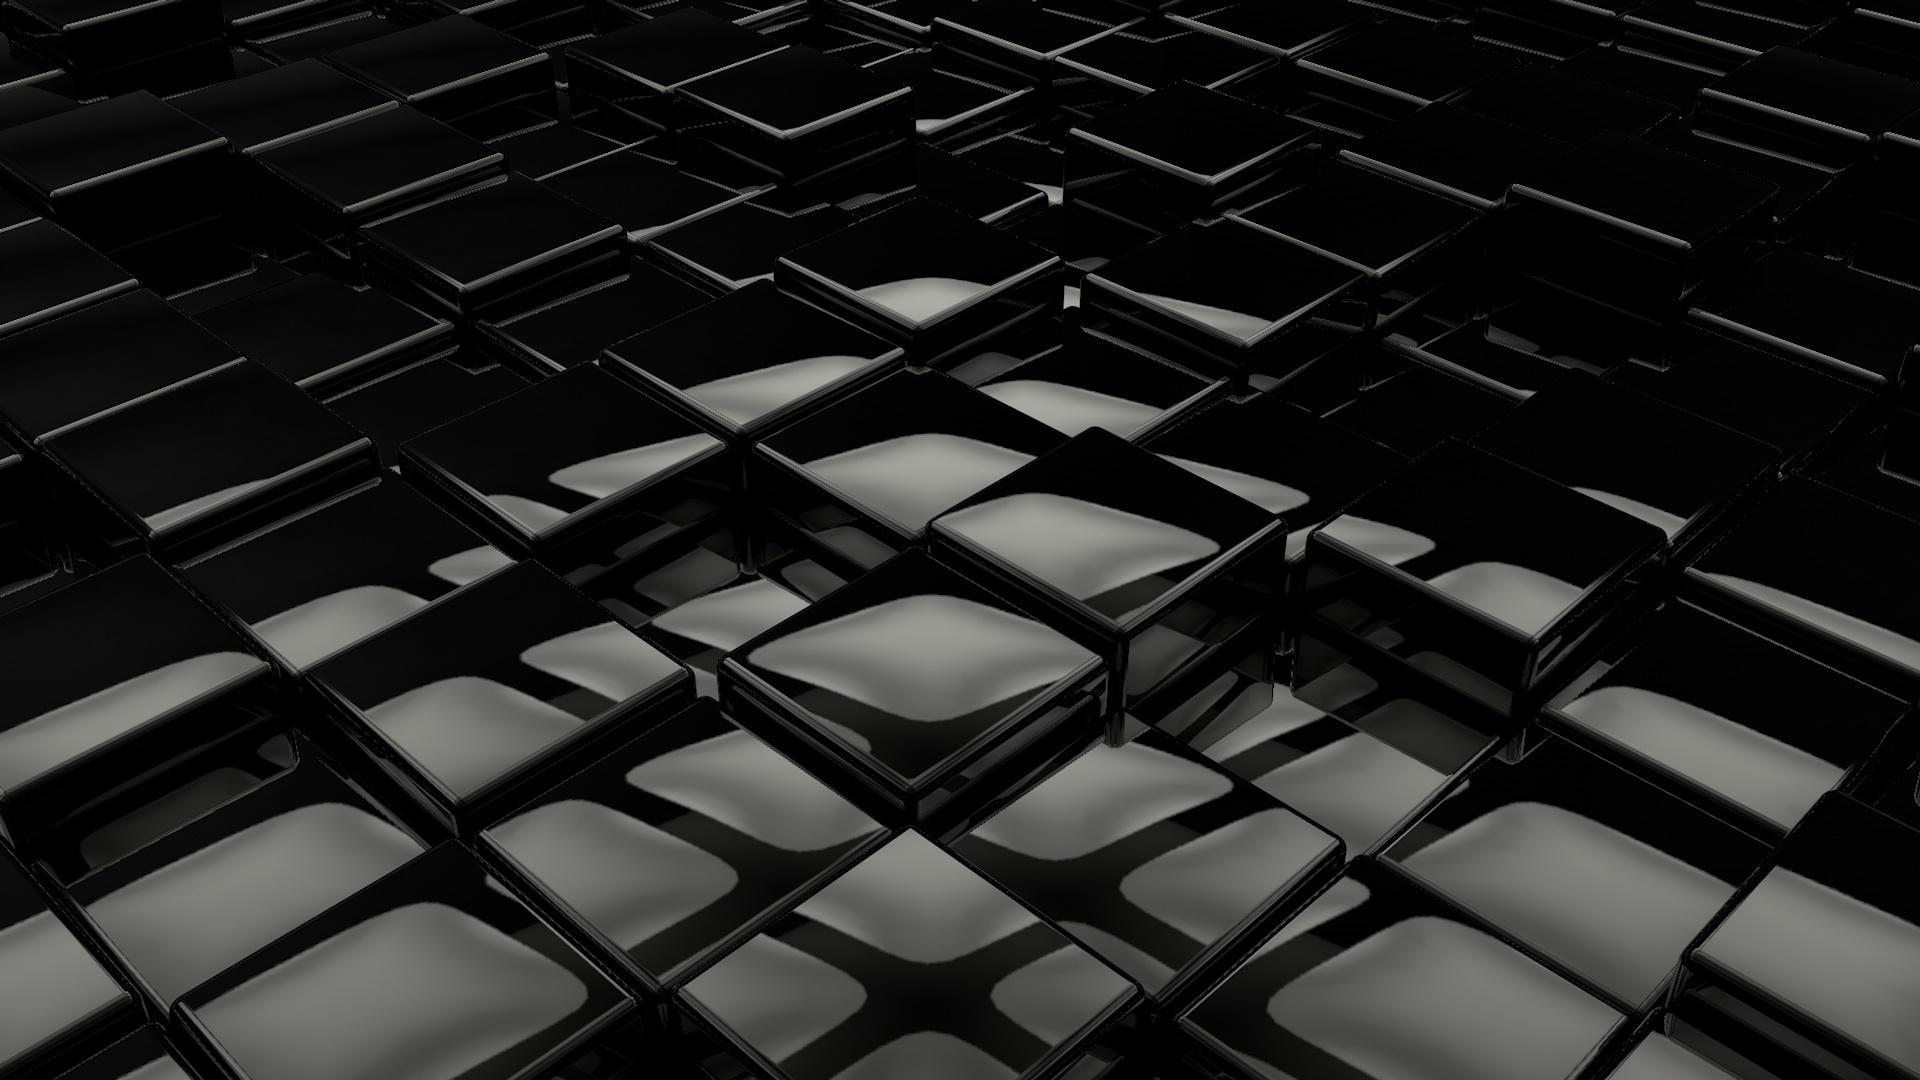 Black cubes render обои для рабочего стола